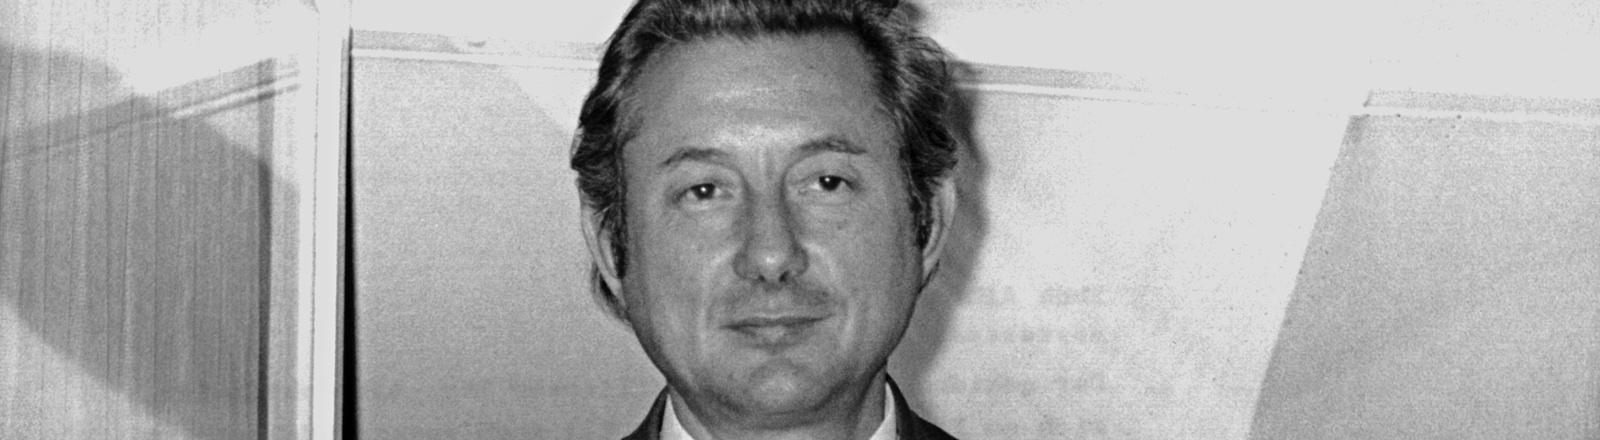 Der Essener Multimillionär Theo Albrecht, Mitinhaber der Aldi-Supermarktkette, steht am 17.12.1971 nach seiner Rückkehr am Fenster seines Hauses.